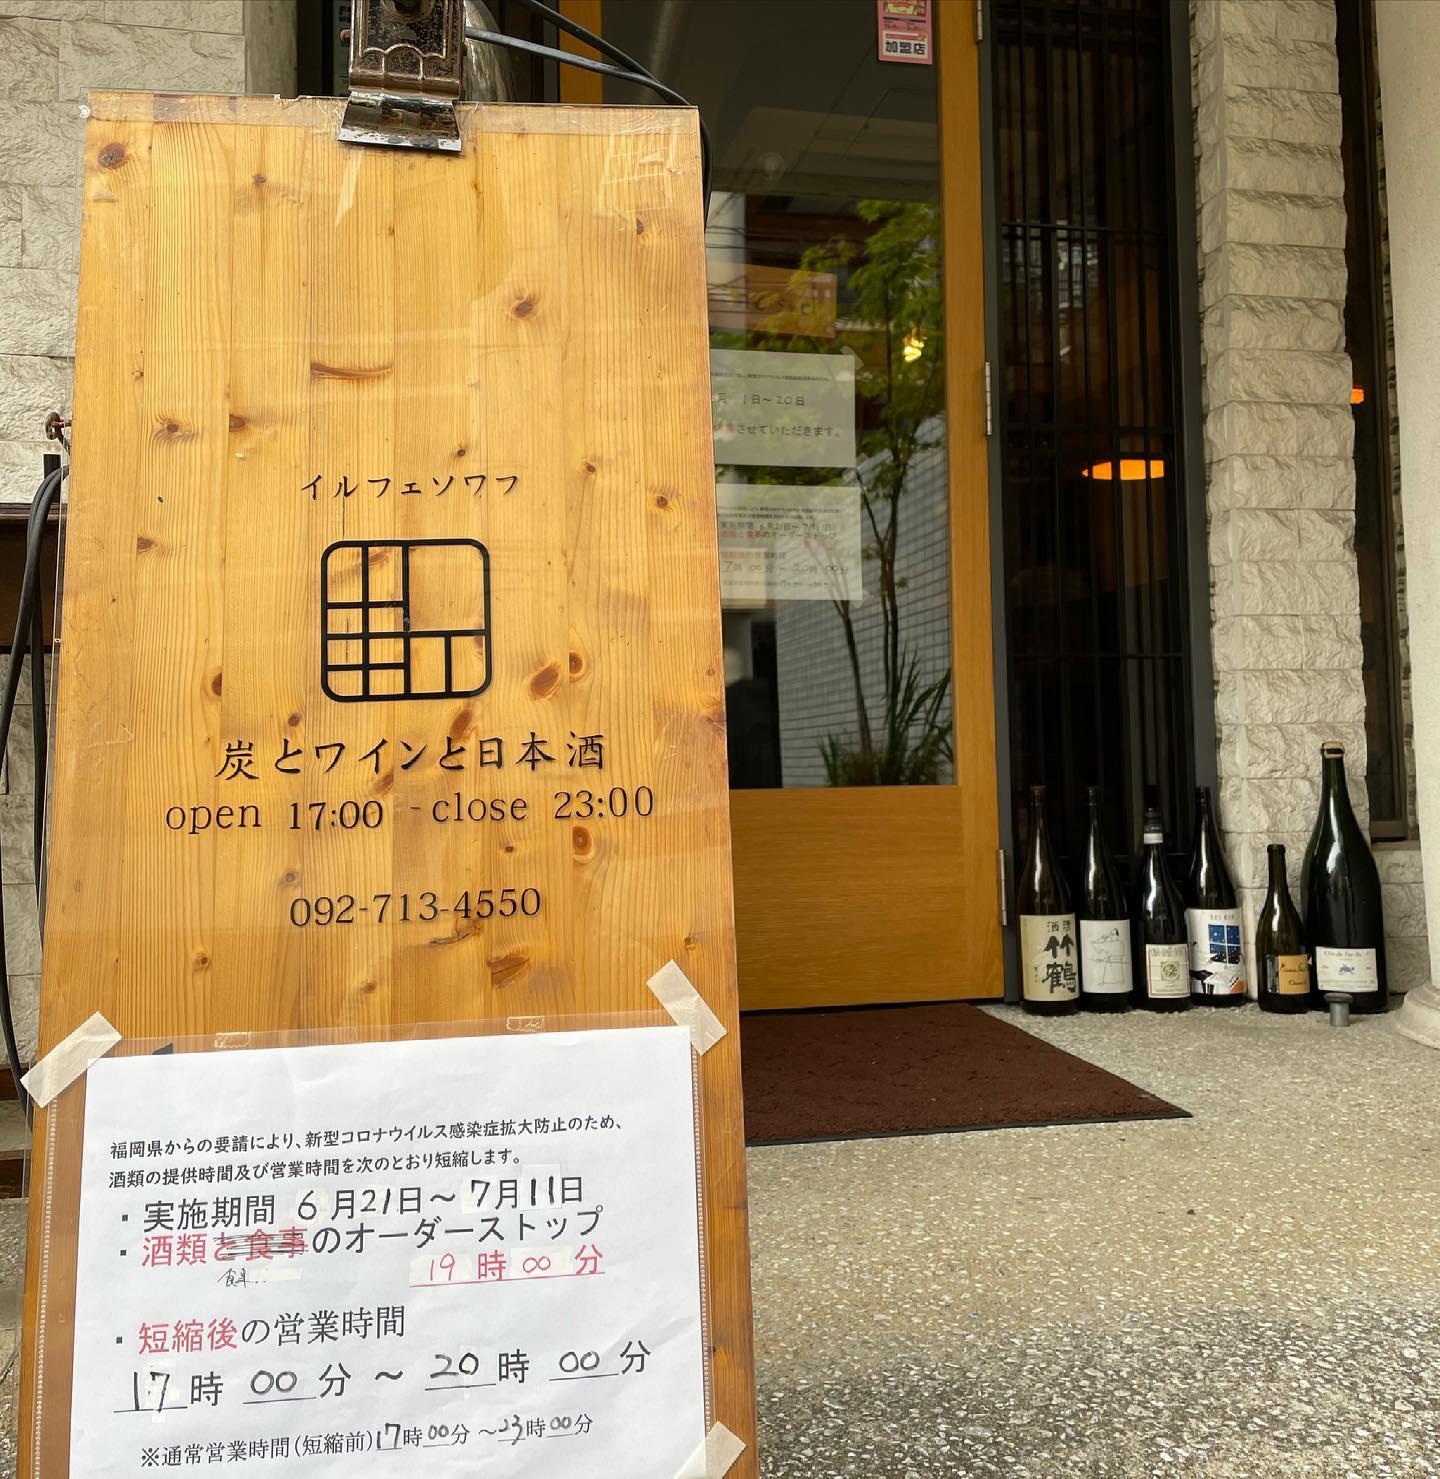 来週6/21日から7/11日まで時短にて営業再開します。営業時間17時ー20時(酒類は19時まで)時短とはいえお酒がお出しできるのはうれしいですね〜仕込みしながらグラスワインや日本酒のラインナップを考え中です♪#イルフェソワフ #ワイン#日本酒 #薬院#警固#感染防止宣言ステッカー貼ってます